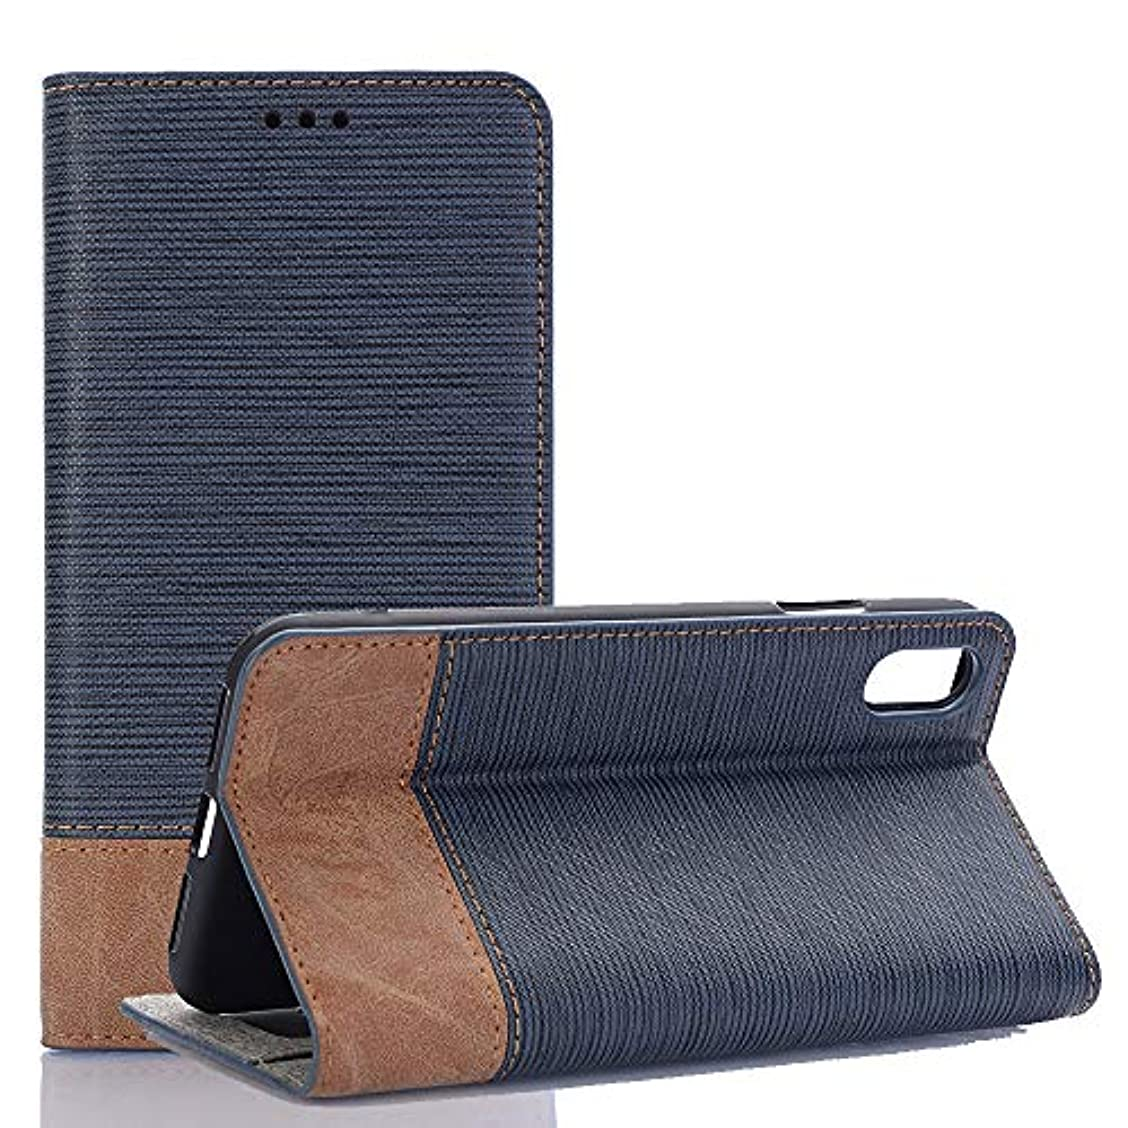 全能曲ウォーターフロントGalaxy S9 ケース、INorton 本革ケース 全面保護 衝撃吸収 スタンド機能 カード収納 手帳型 スマートケース Galaxy S9対応